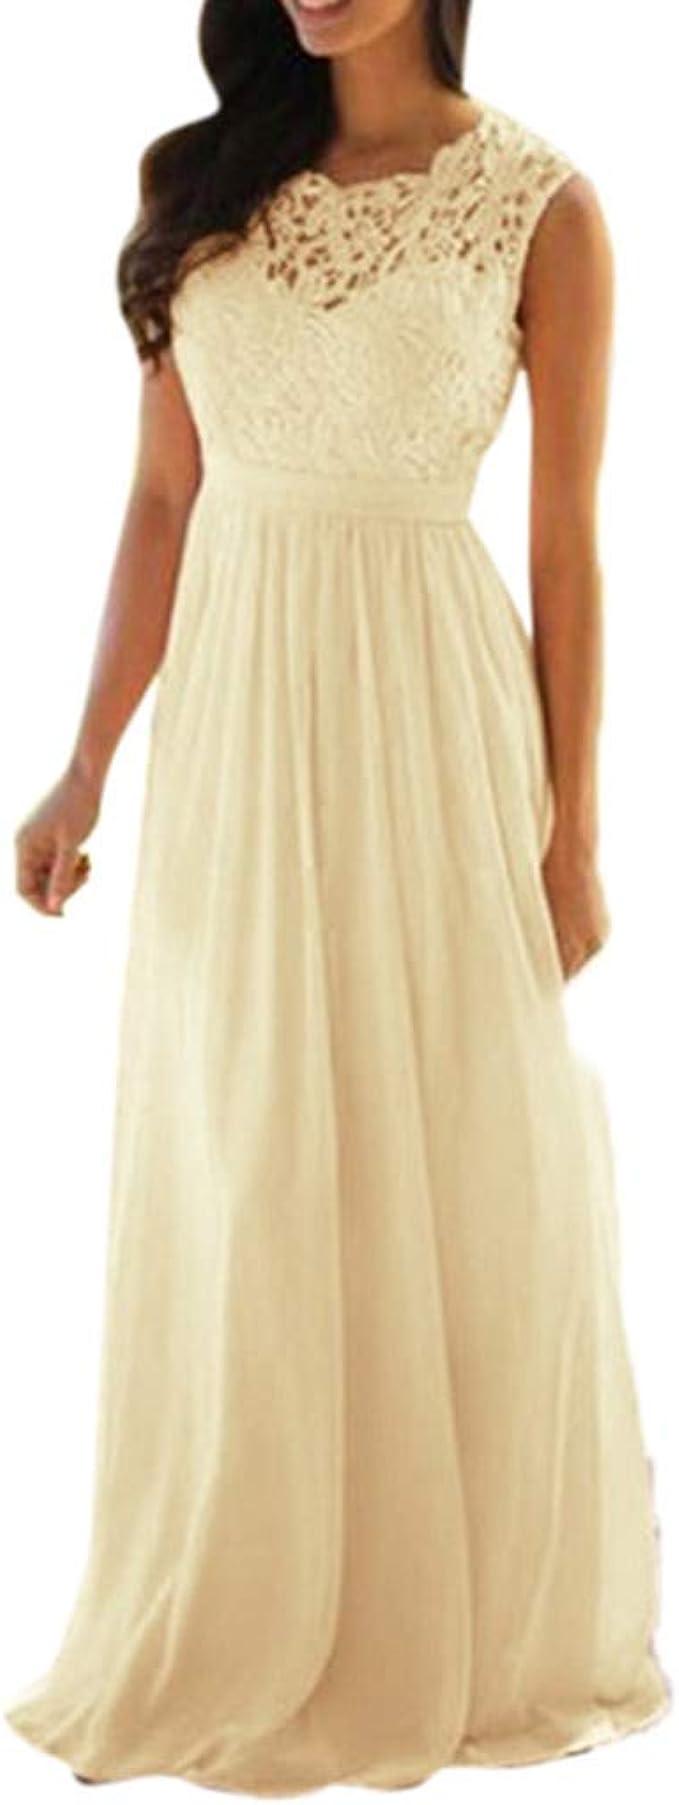 MAYOGO Festliche Kleider Damen Kleider Elegant Lang Cocktailkleid  Brautjungfernkleider Formelles Kleid Partykleid Spitzenkleid Spaghetti  Abschlussball